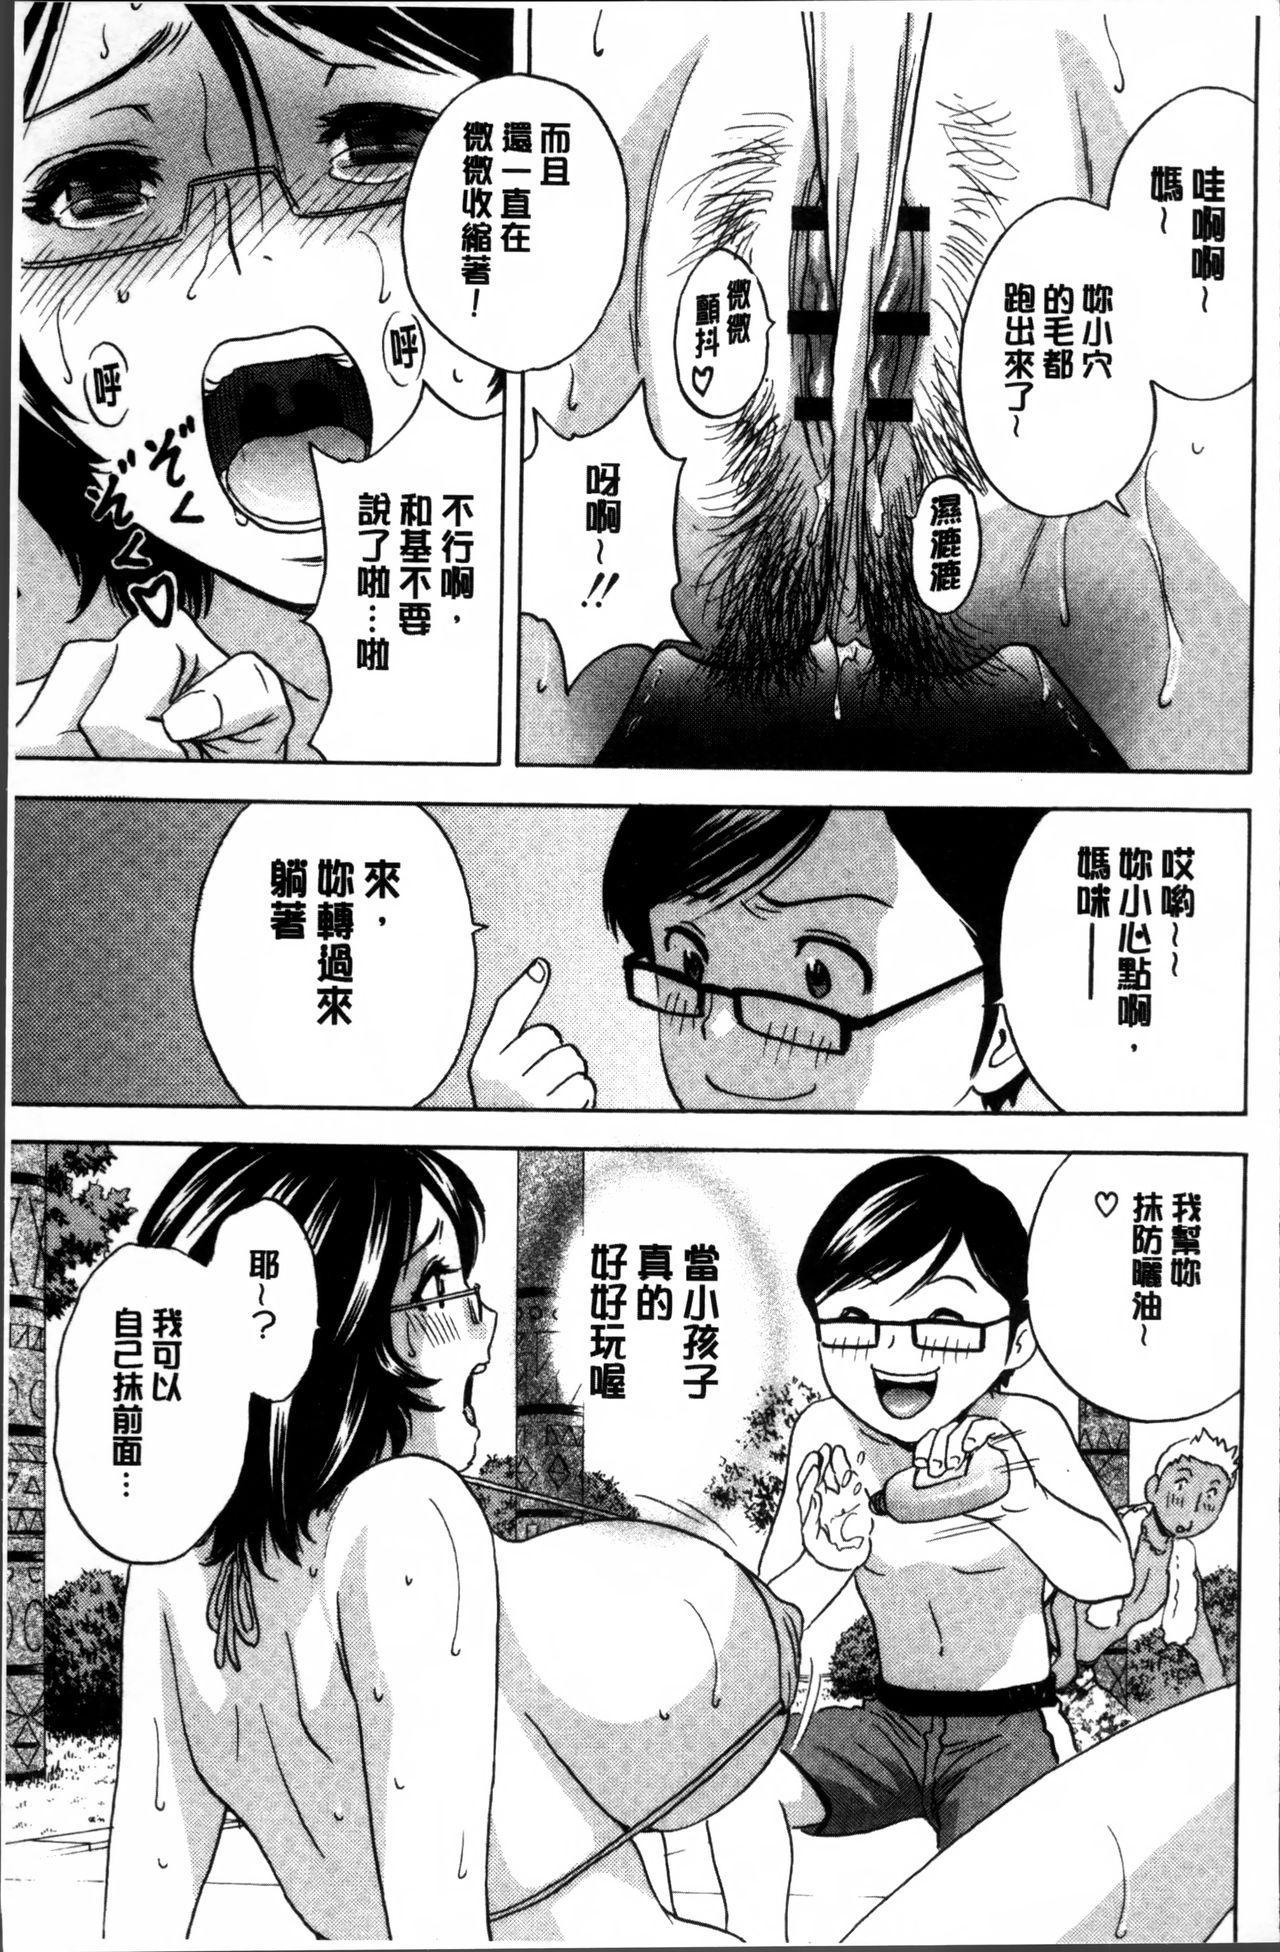 Ryoujyoku!! Urechichi Paradise 52